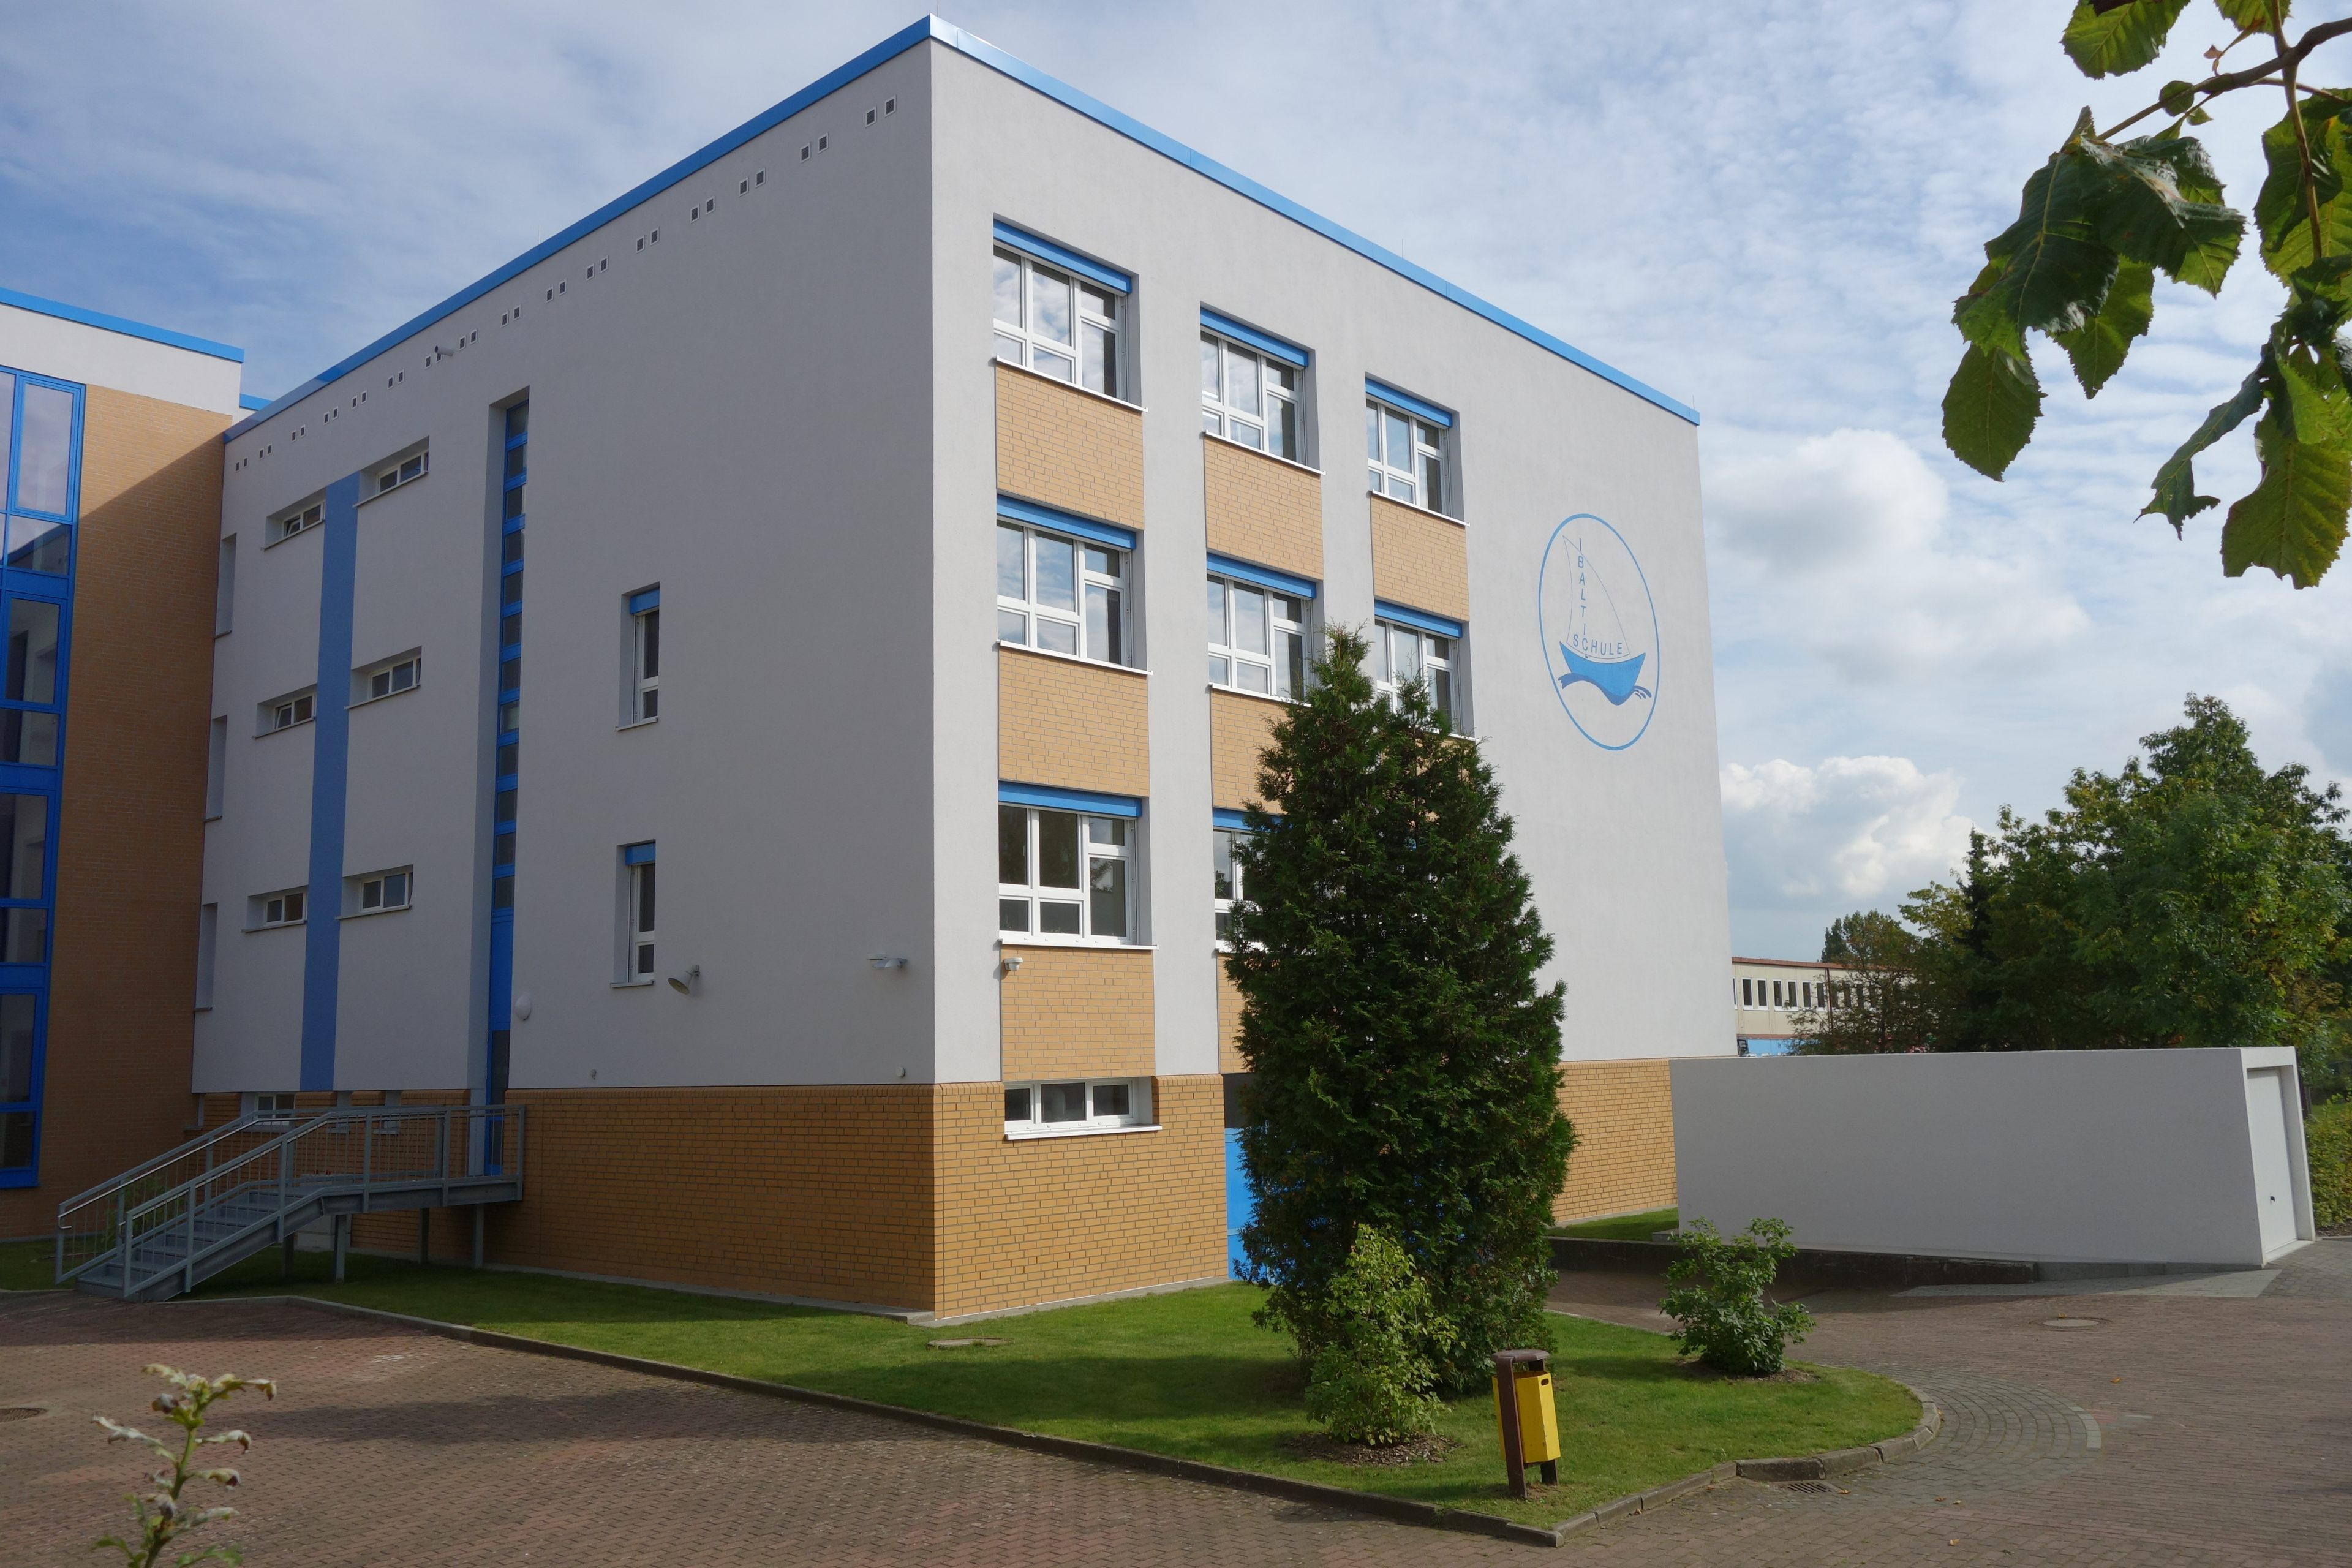 Projekte Umbau Baltic Schule Rostock 2 Stephan-Scheffler GmbH